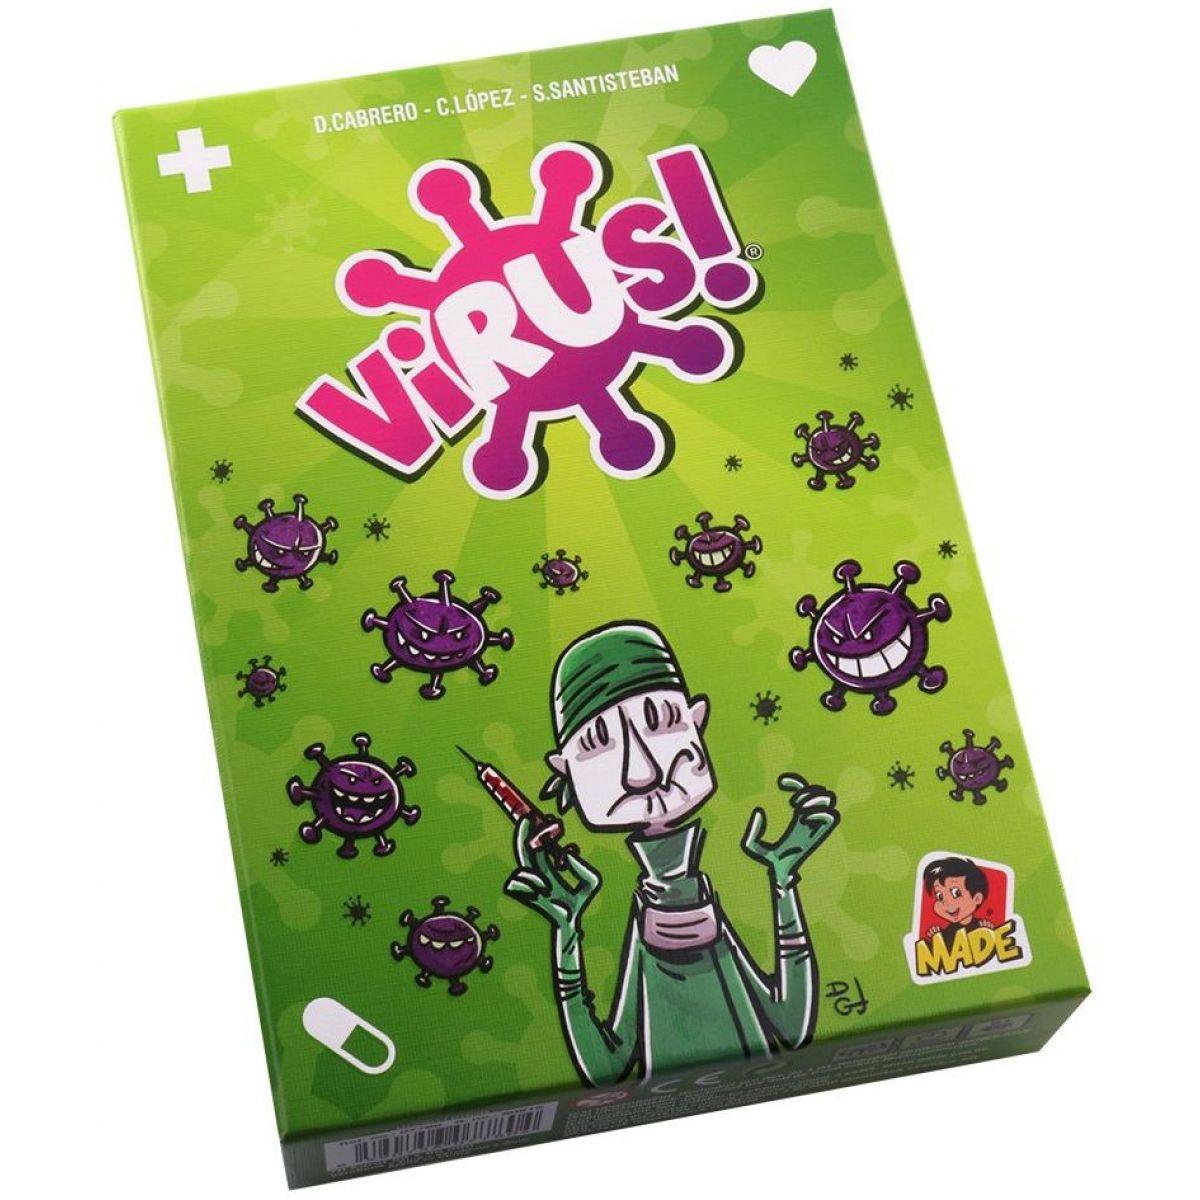 Virus společenská hra uzdrav tělo